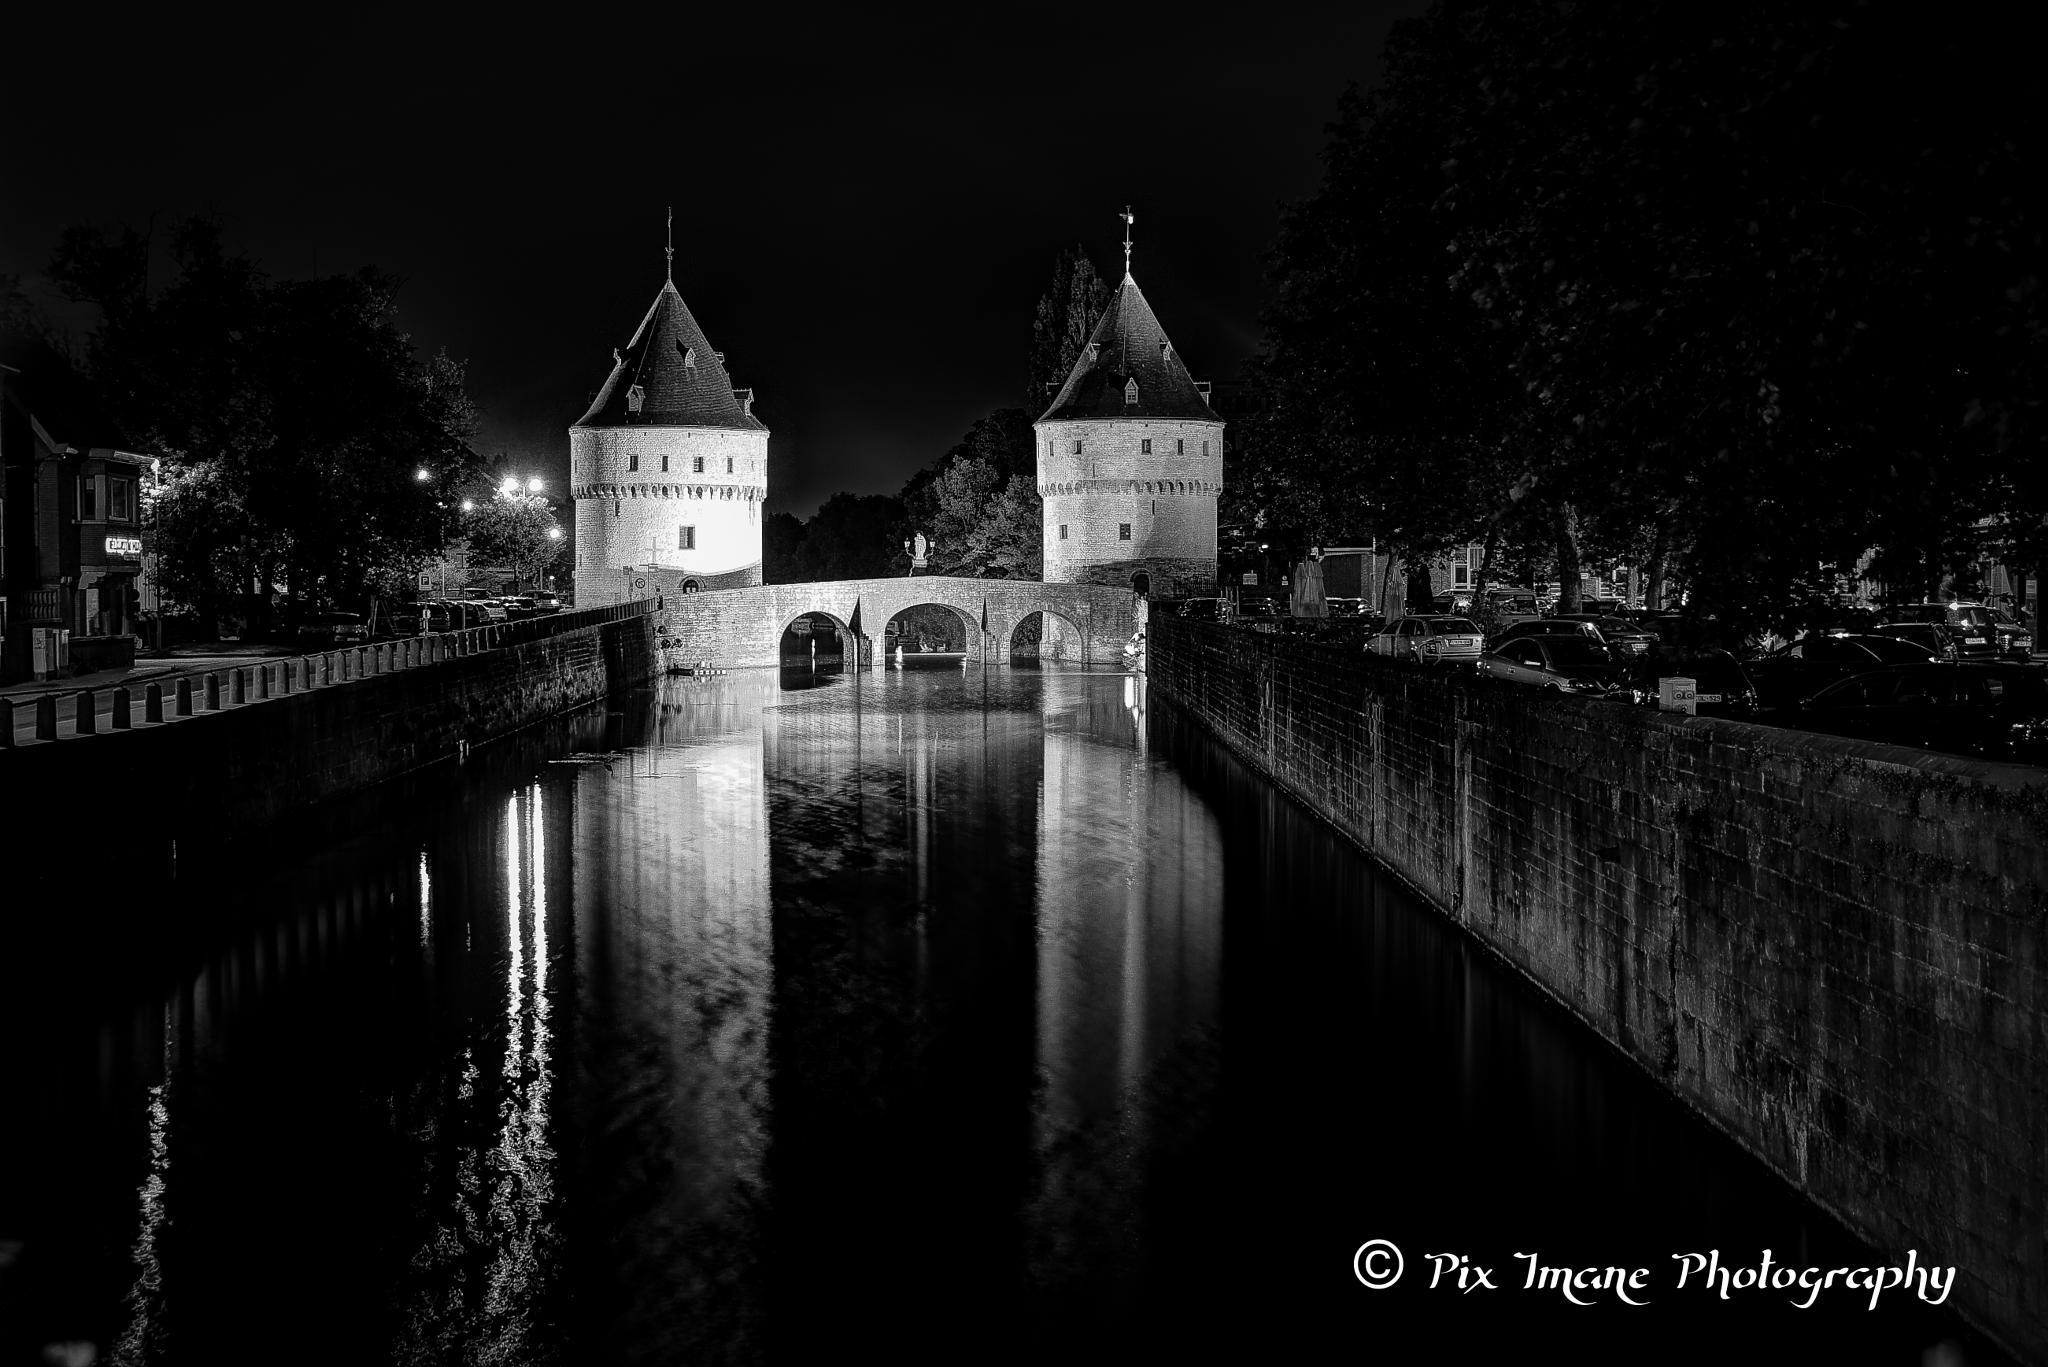 Broeltowers at the Lys in Kortrijk - West-Vlaanderen - Belgium by PixImane Photography